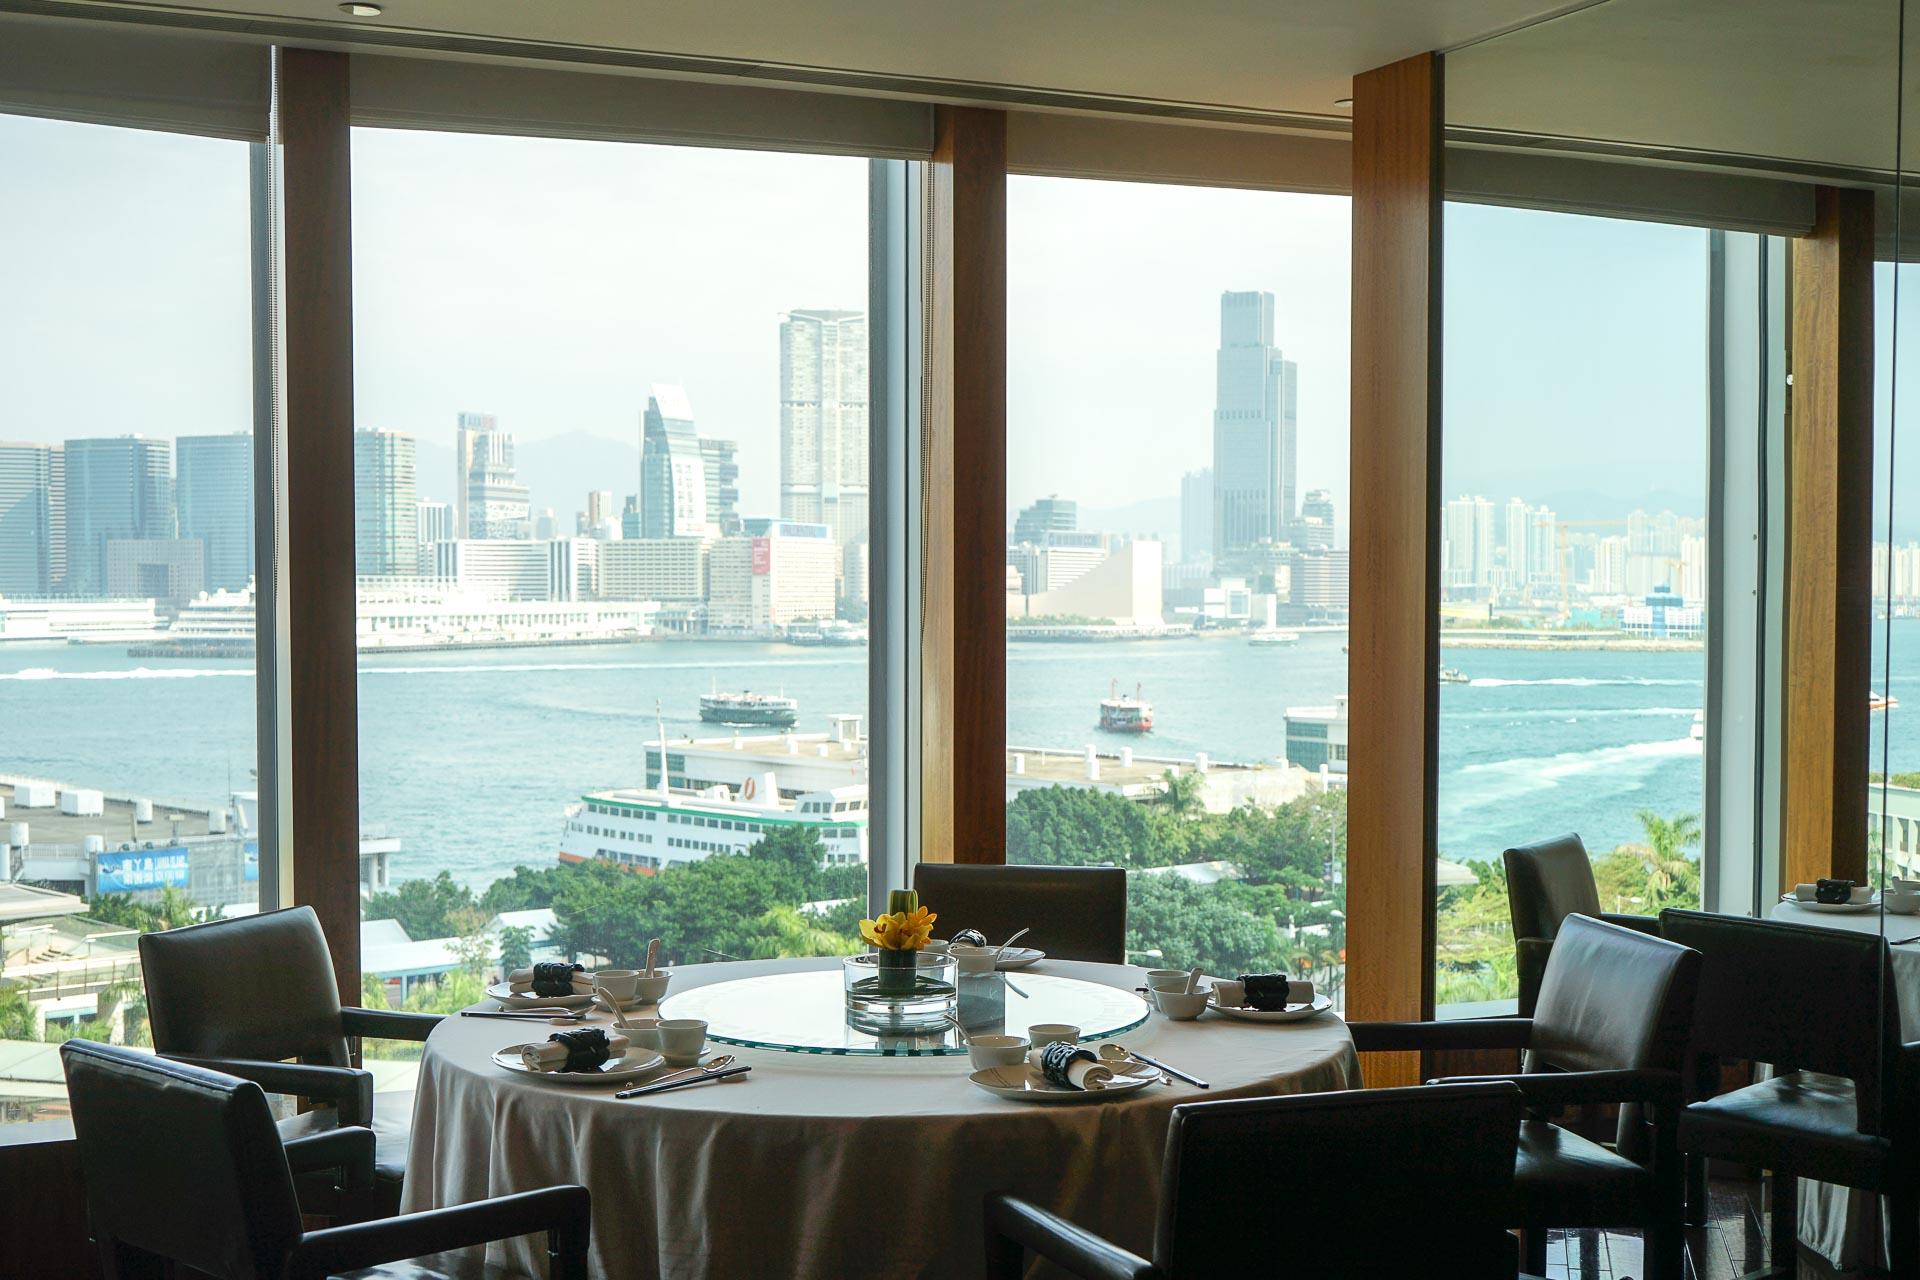 Lung King Heen, au Four Seasons Hong Kong, est le premier restaurant chinois à avoir décroché trois étoiles Michelin en 2009. Quinze ans après son ouverture, la table de haute gastronomie cantonaise emmenée par le discret « Chef Tak » reste une institution incontournable à Hong Kong.